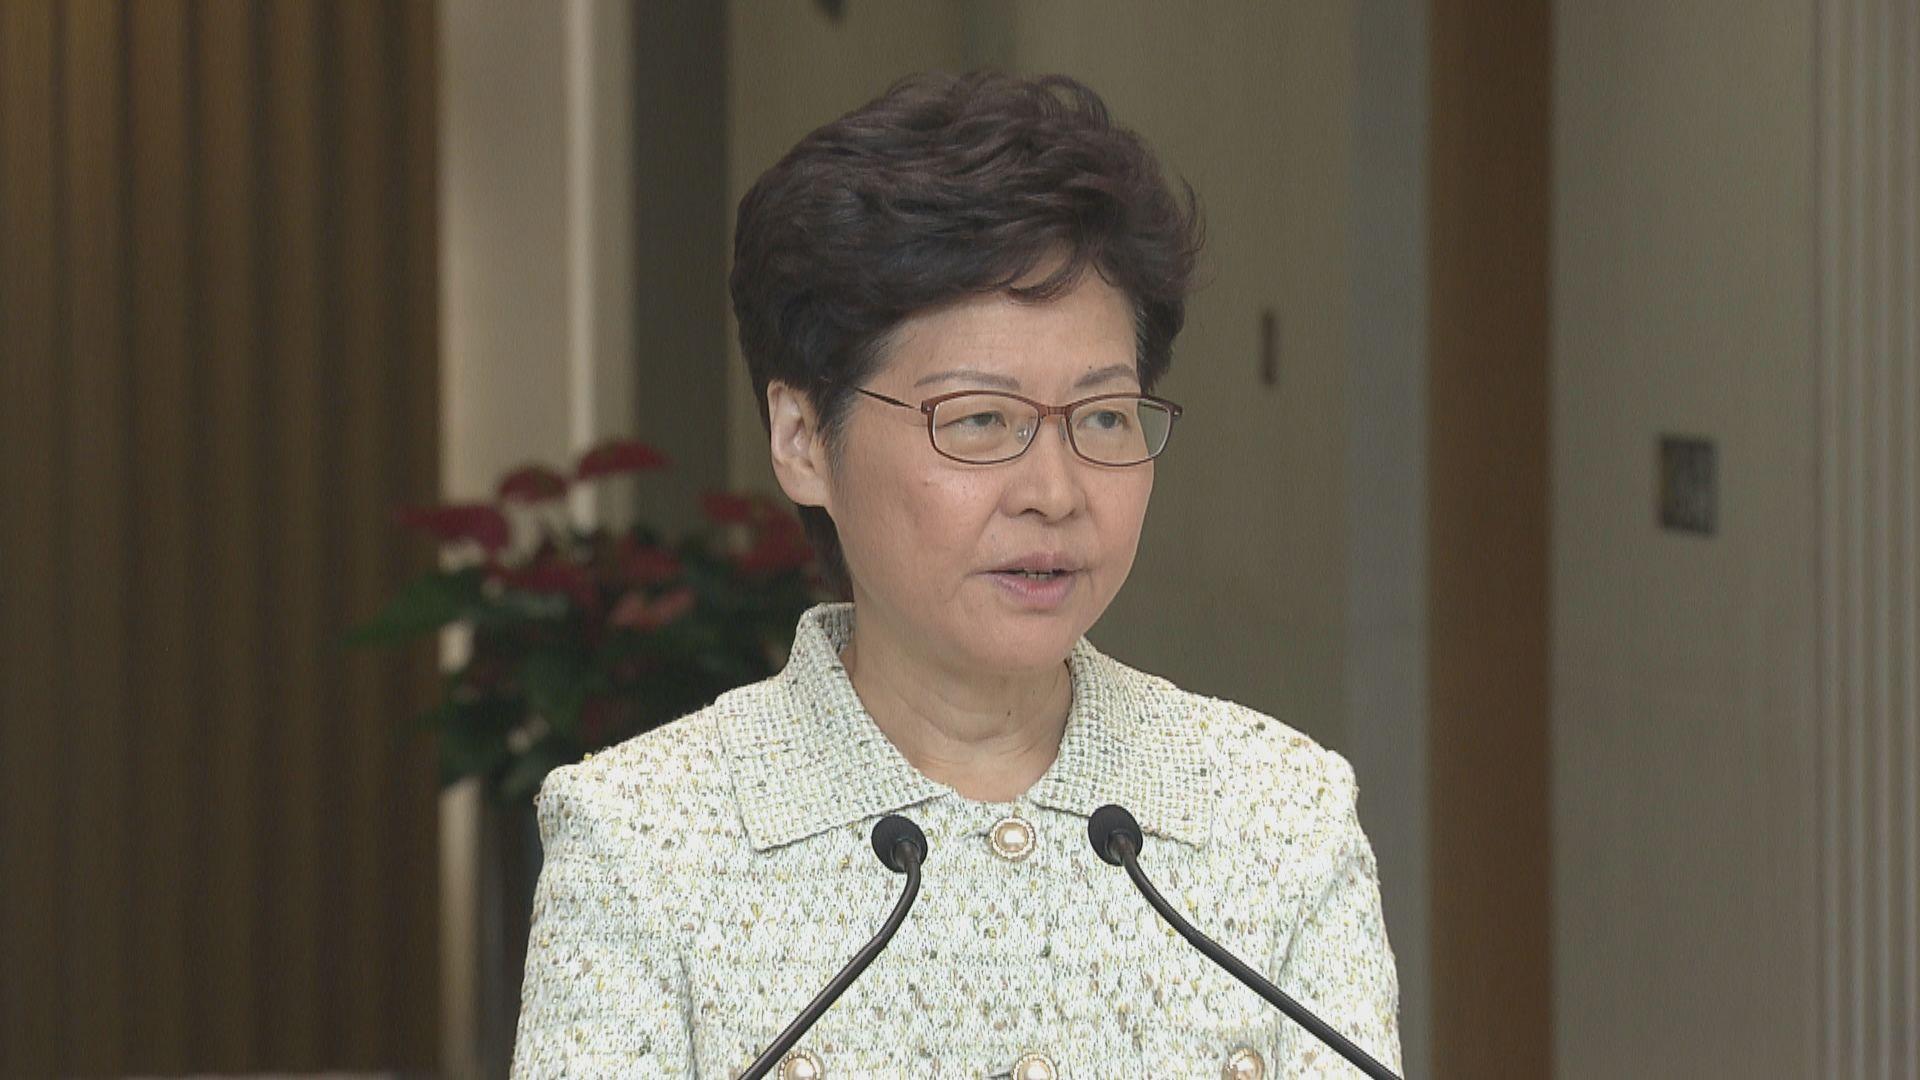 【最新】林鄭月娥:會盡最大努力確保區選下月順利進行